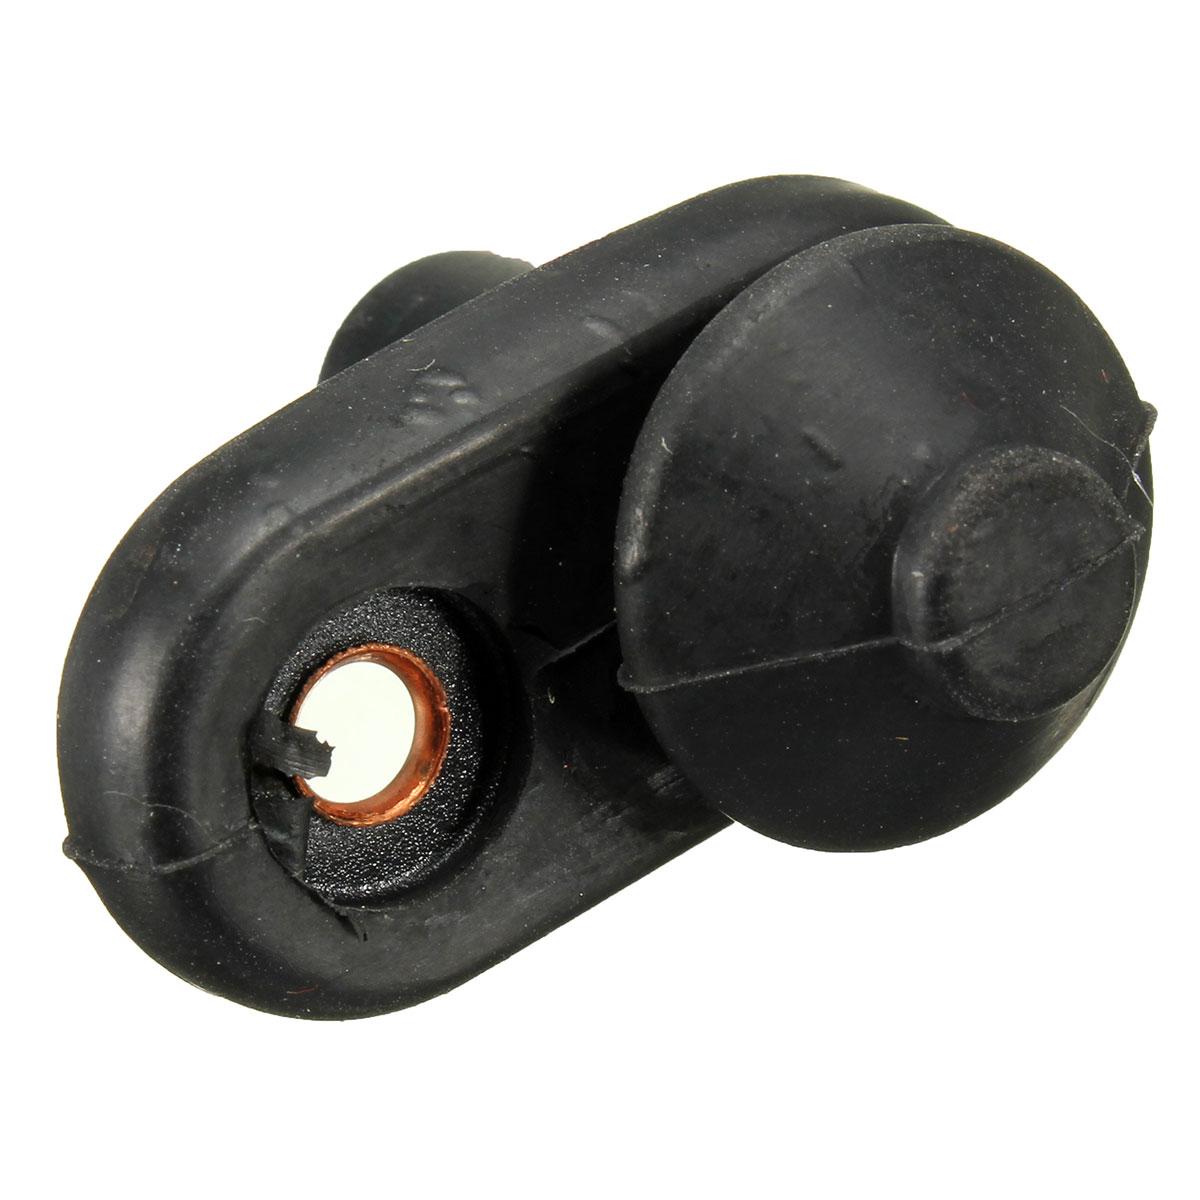 Interior de carro Luz de Cortesia Porta Lâmpada Interruptor de Botão Para Fxauto Lingzhi M3l M5l V3 Cm7 S500 X5 X3 Xv s50 F600 Sx6 X6 S50ev